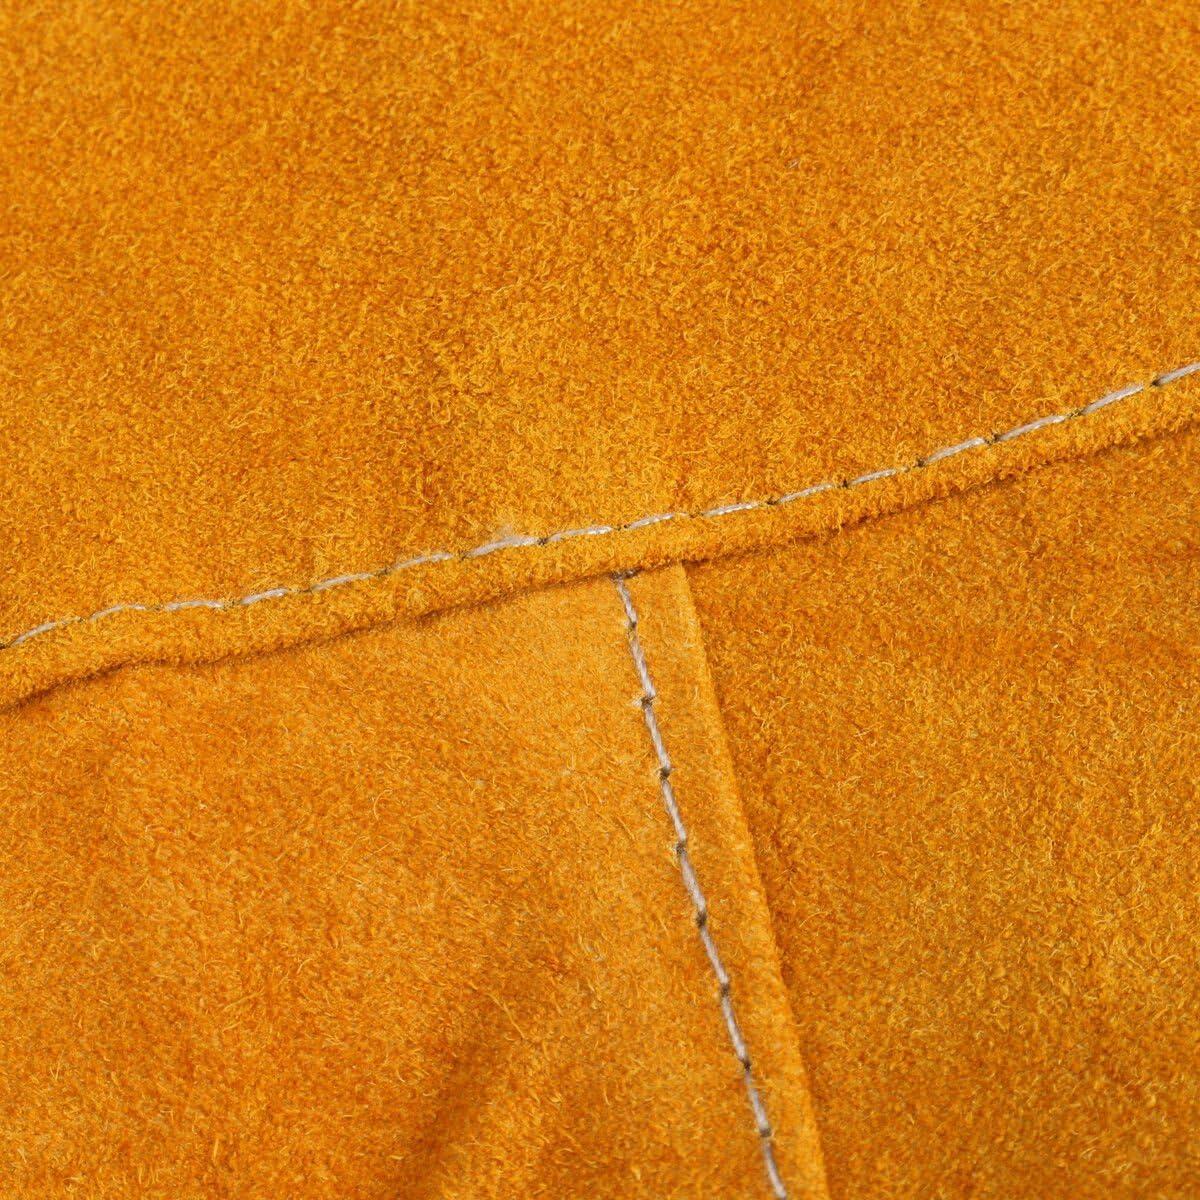 SODIAL Saldatura Saldatura Saldatori Grembiuli Sicurezza sul lavoro Abbigliamento da lavoro Vetraio Fabbro NUOVO